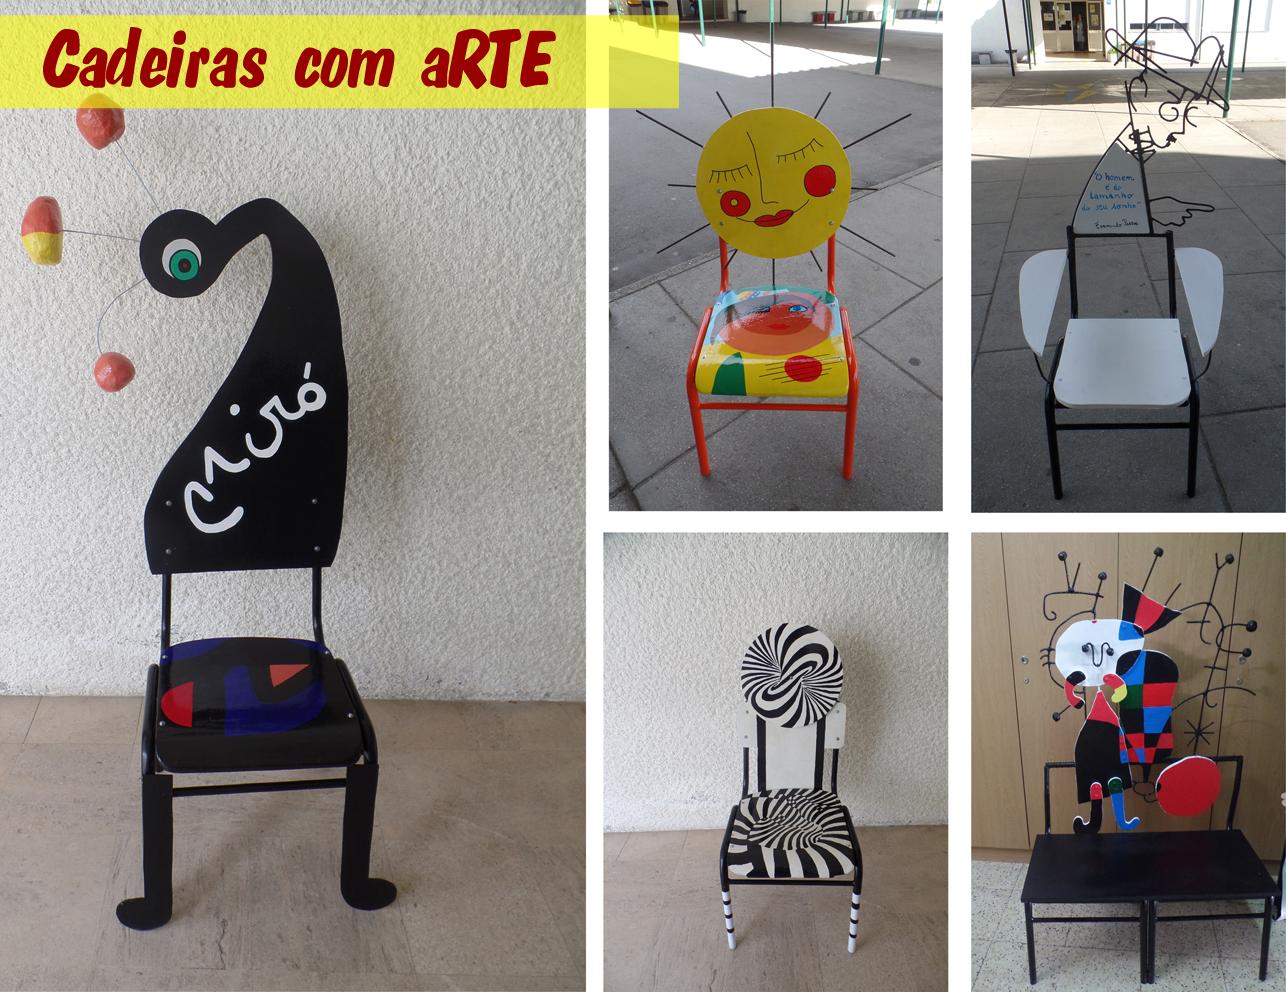 Cadeiras com Arte